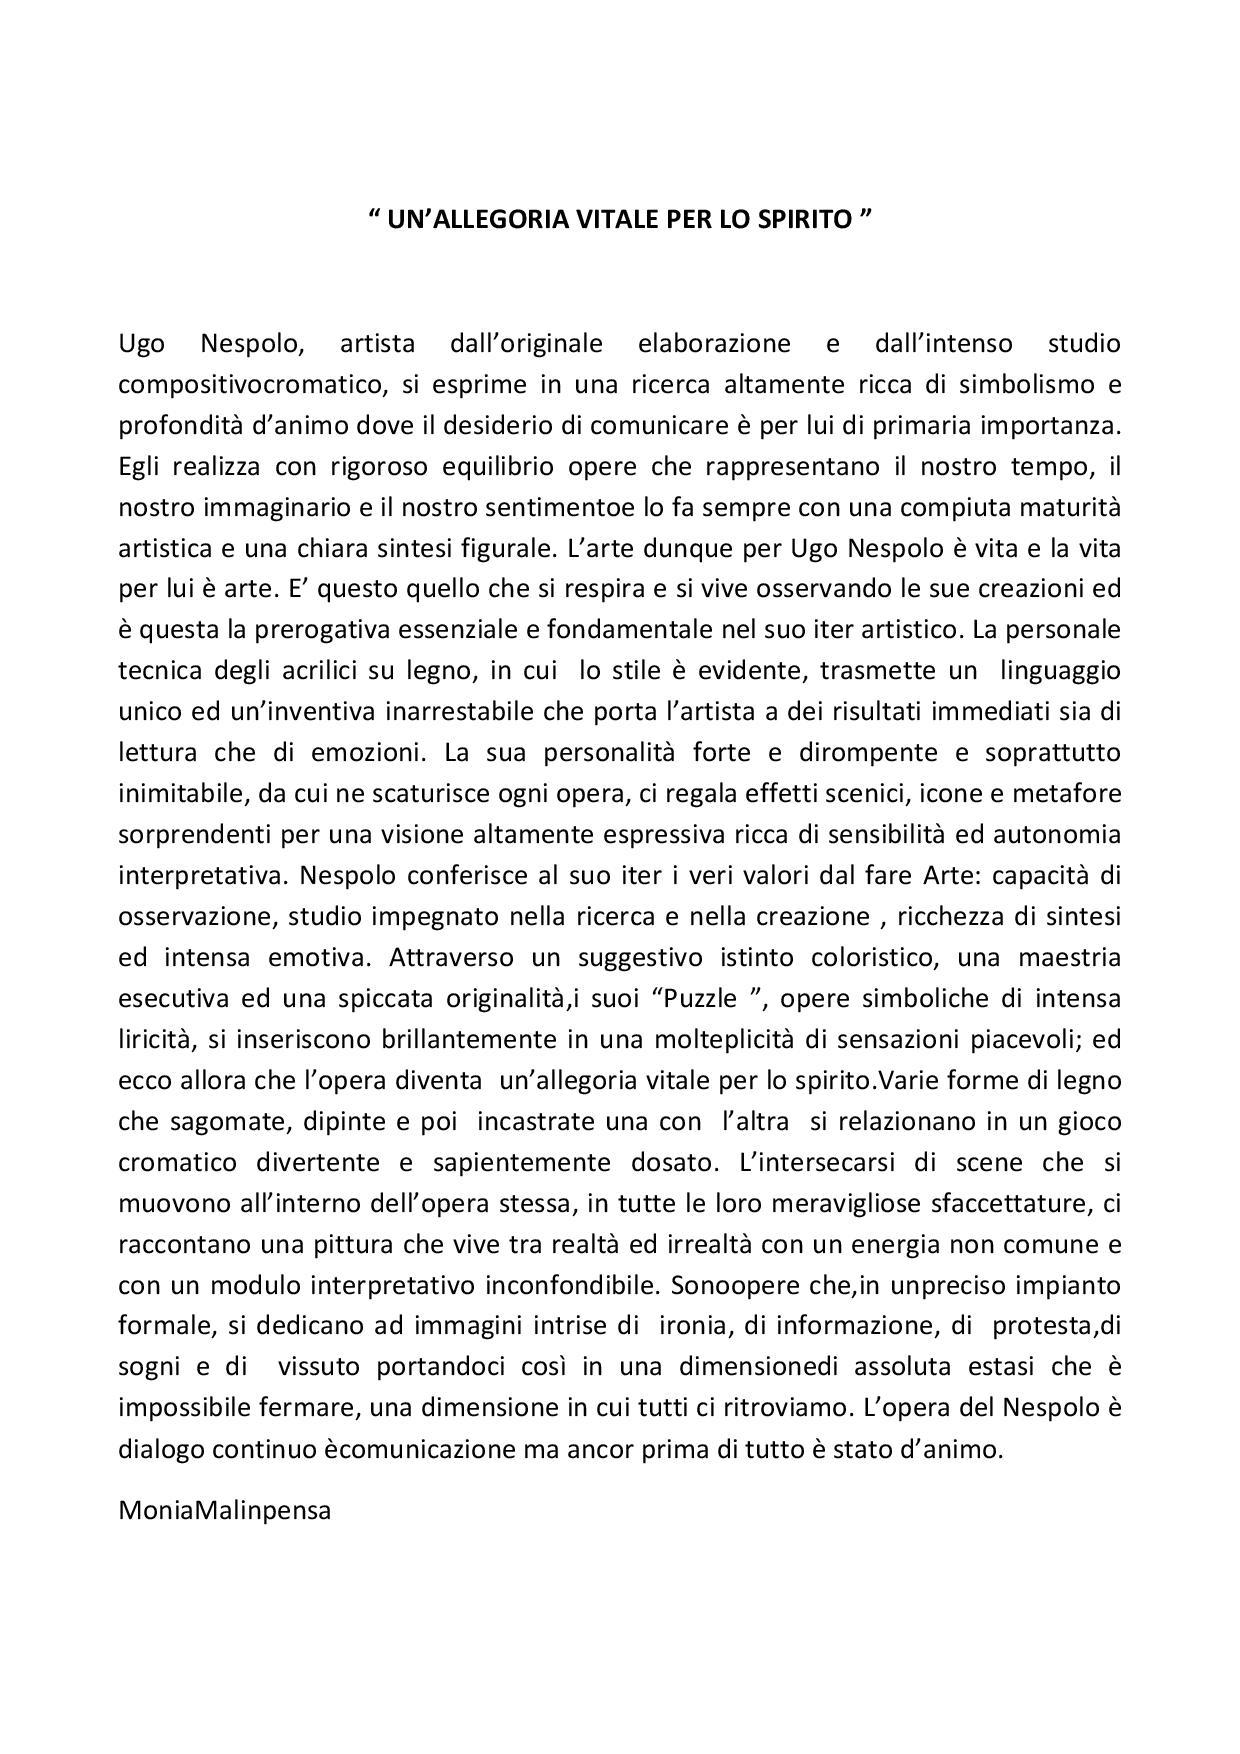 PRESENTAZIONE CRITICA DI UGO NESPOLO.jpg